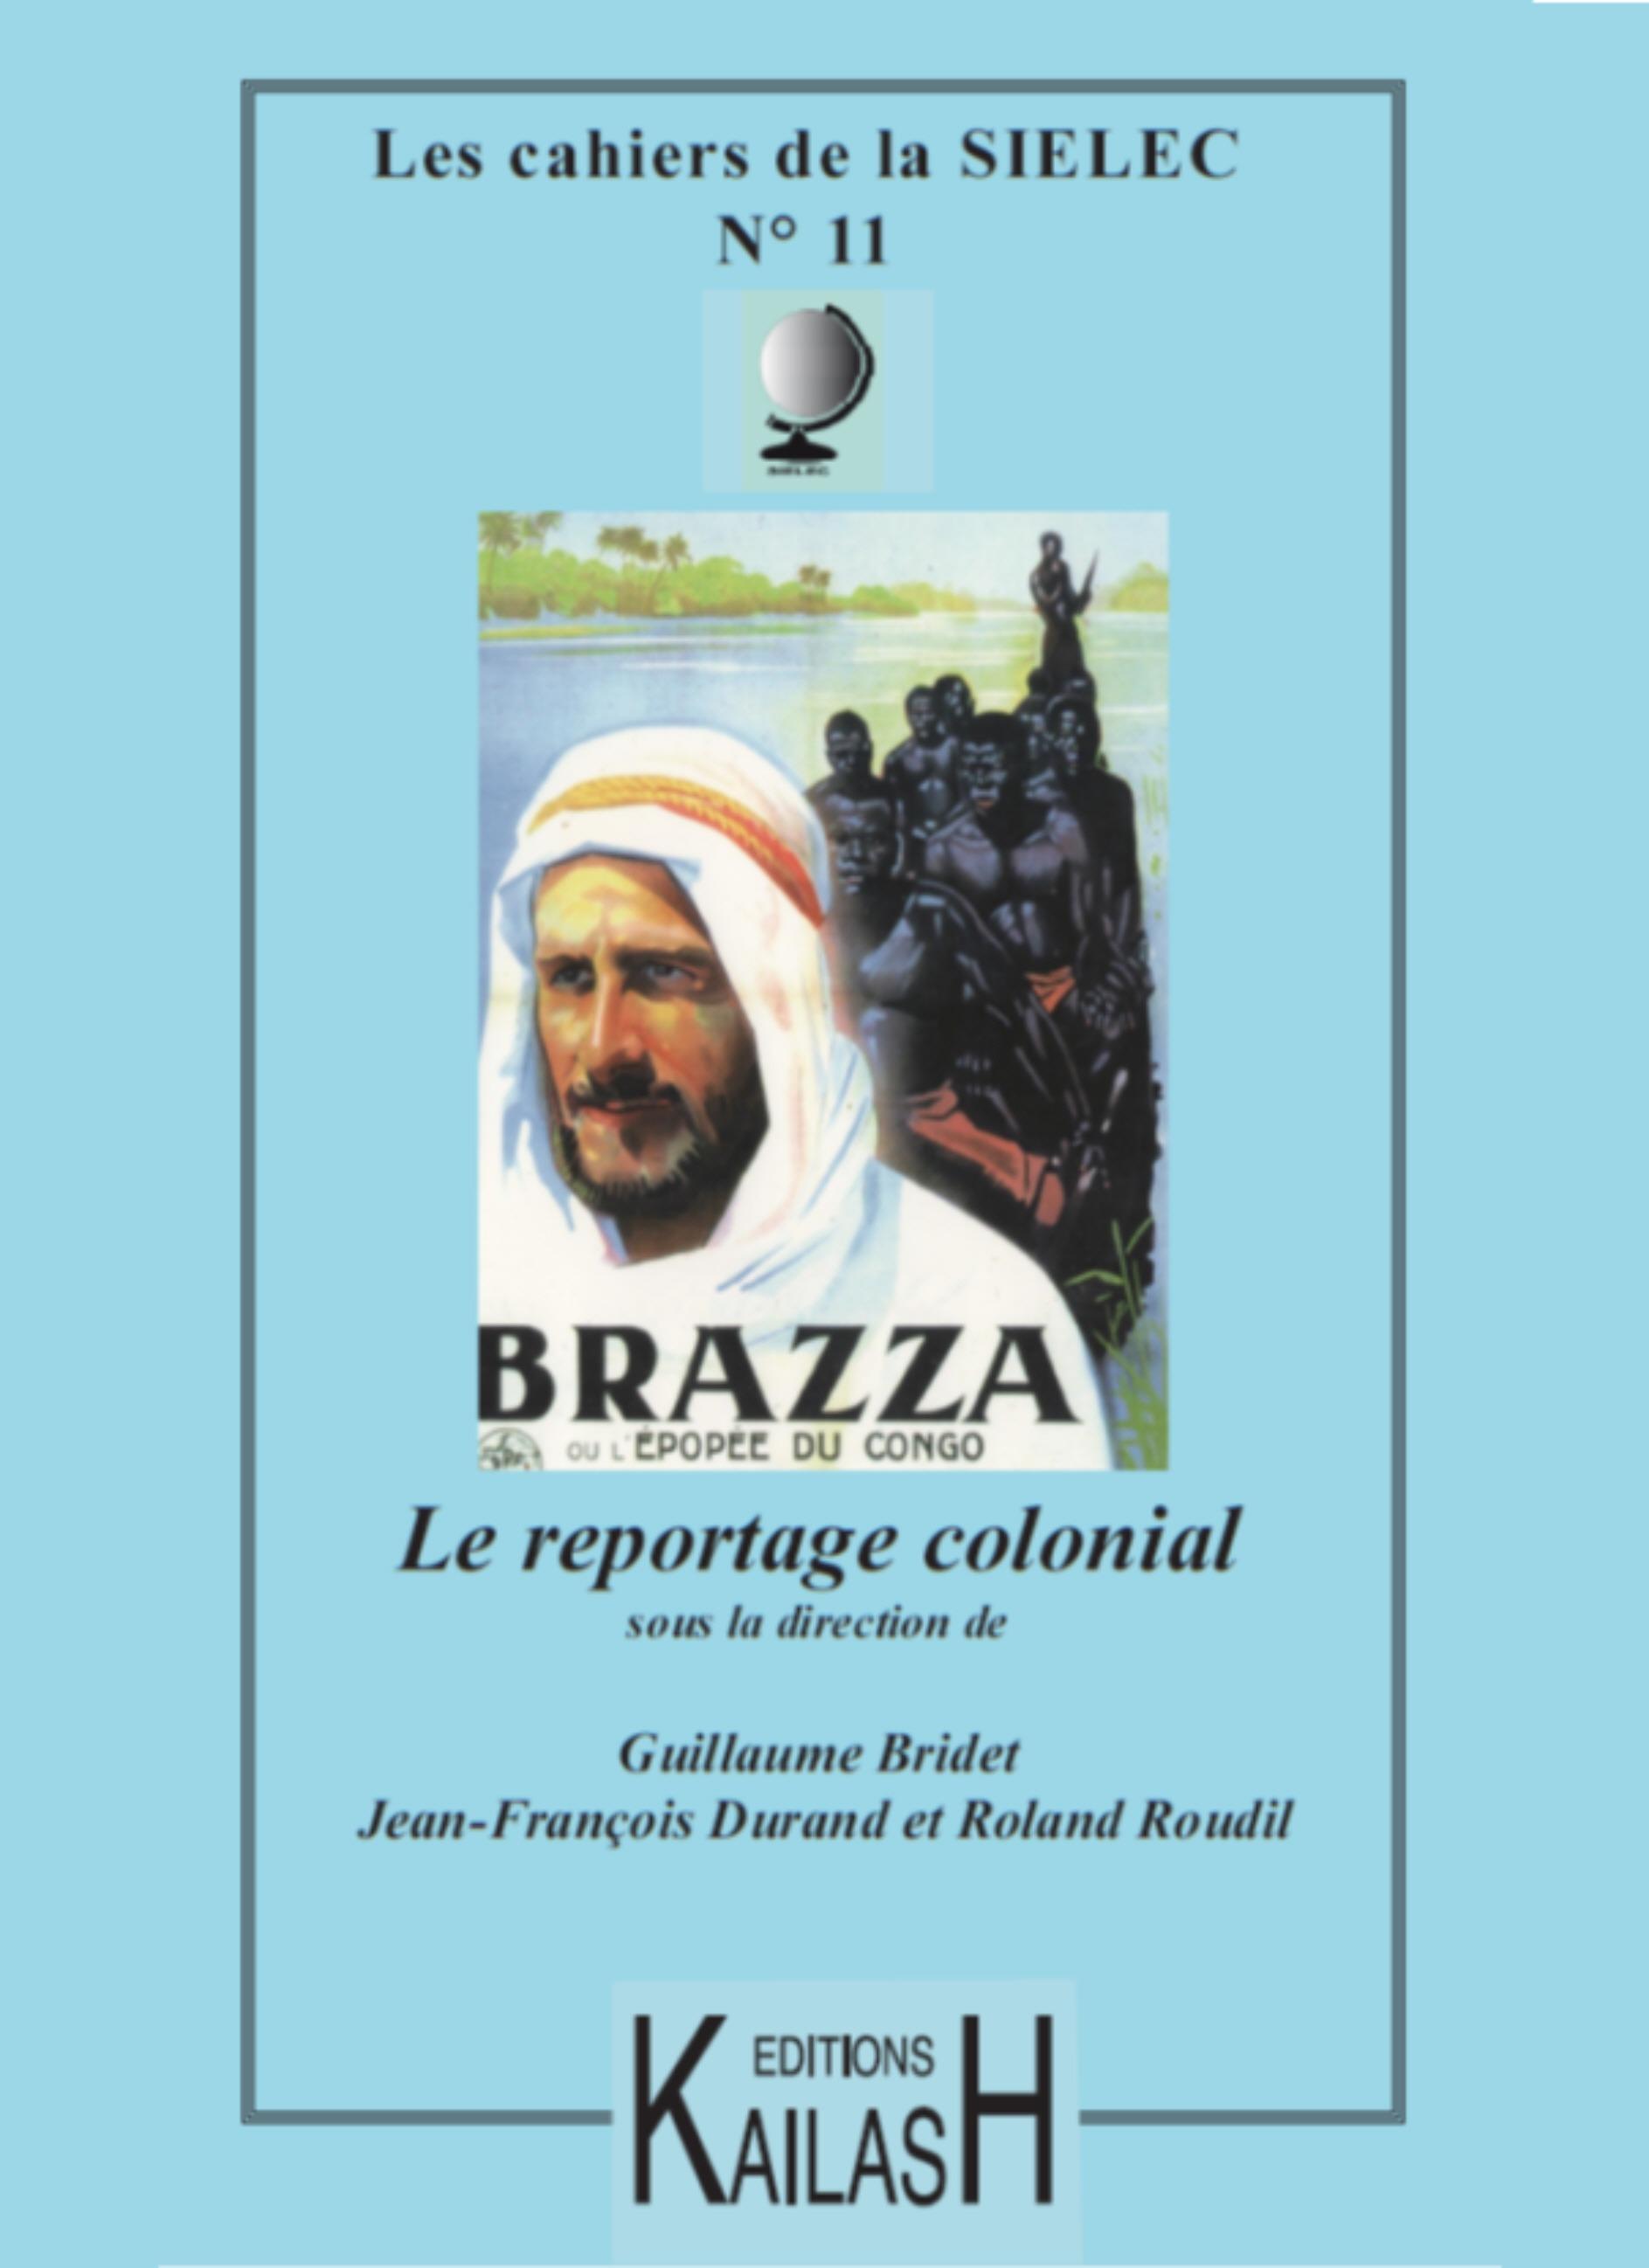 Le reportage colonial